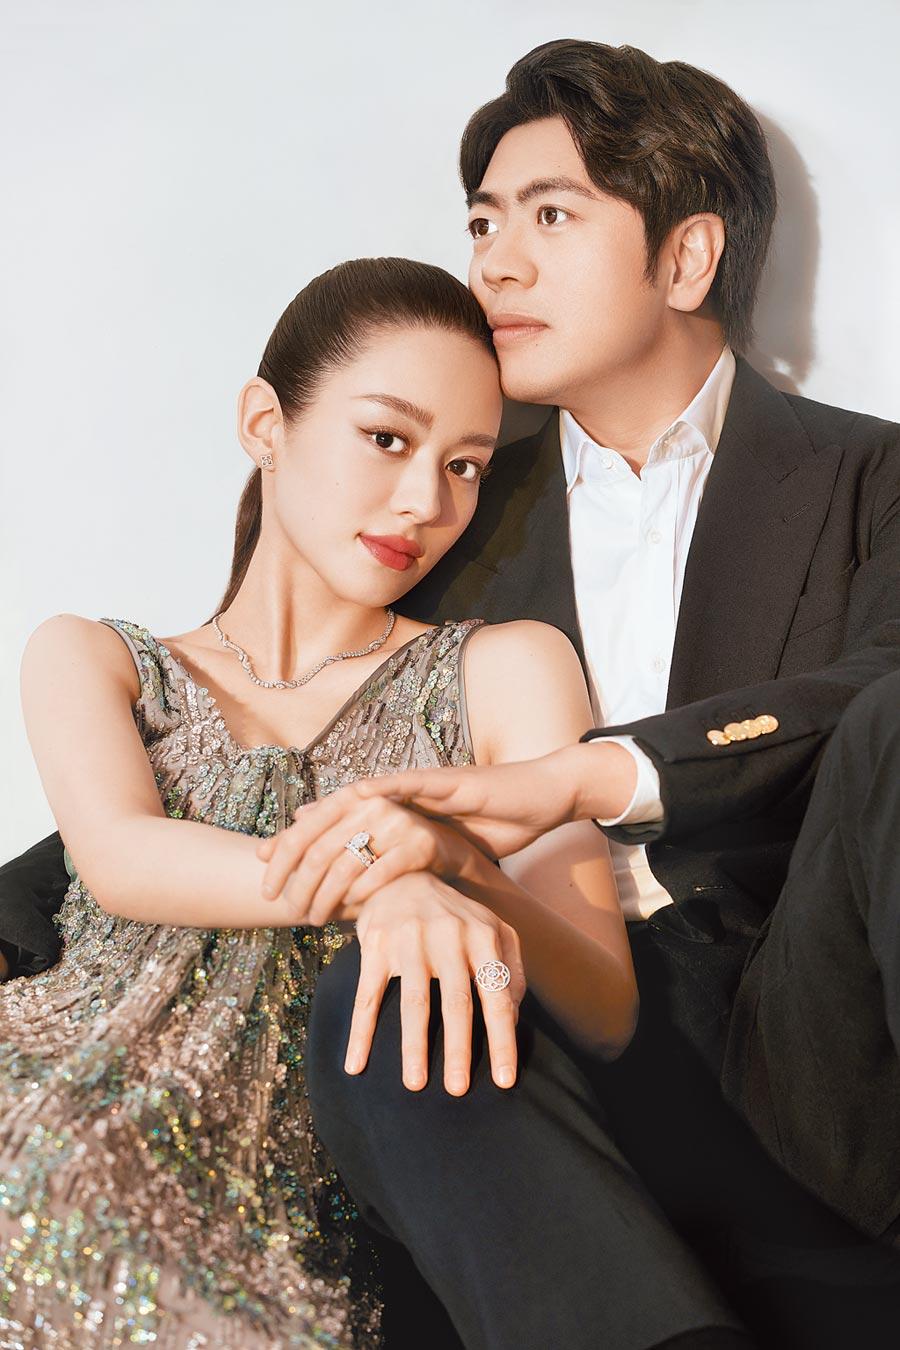 De Beers在結婚旺季主打鋼琴家郎朗與吉娜愛麗絲廣告代言的婚戒。(De Beers提供)